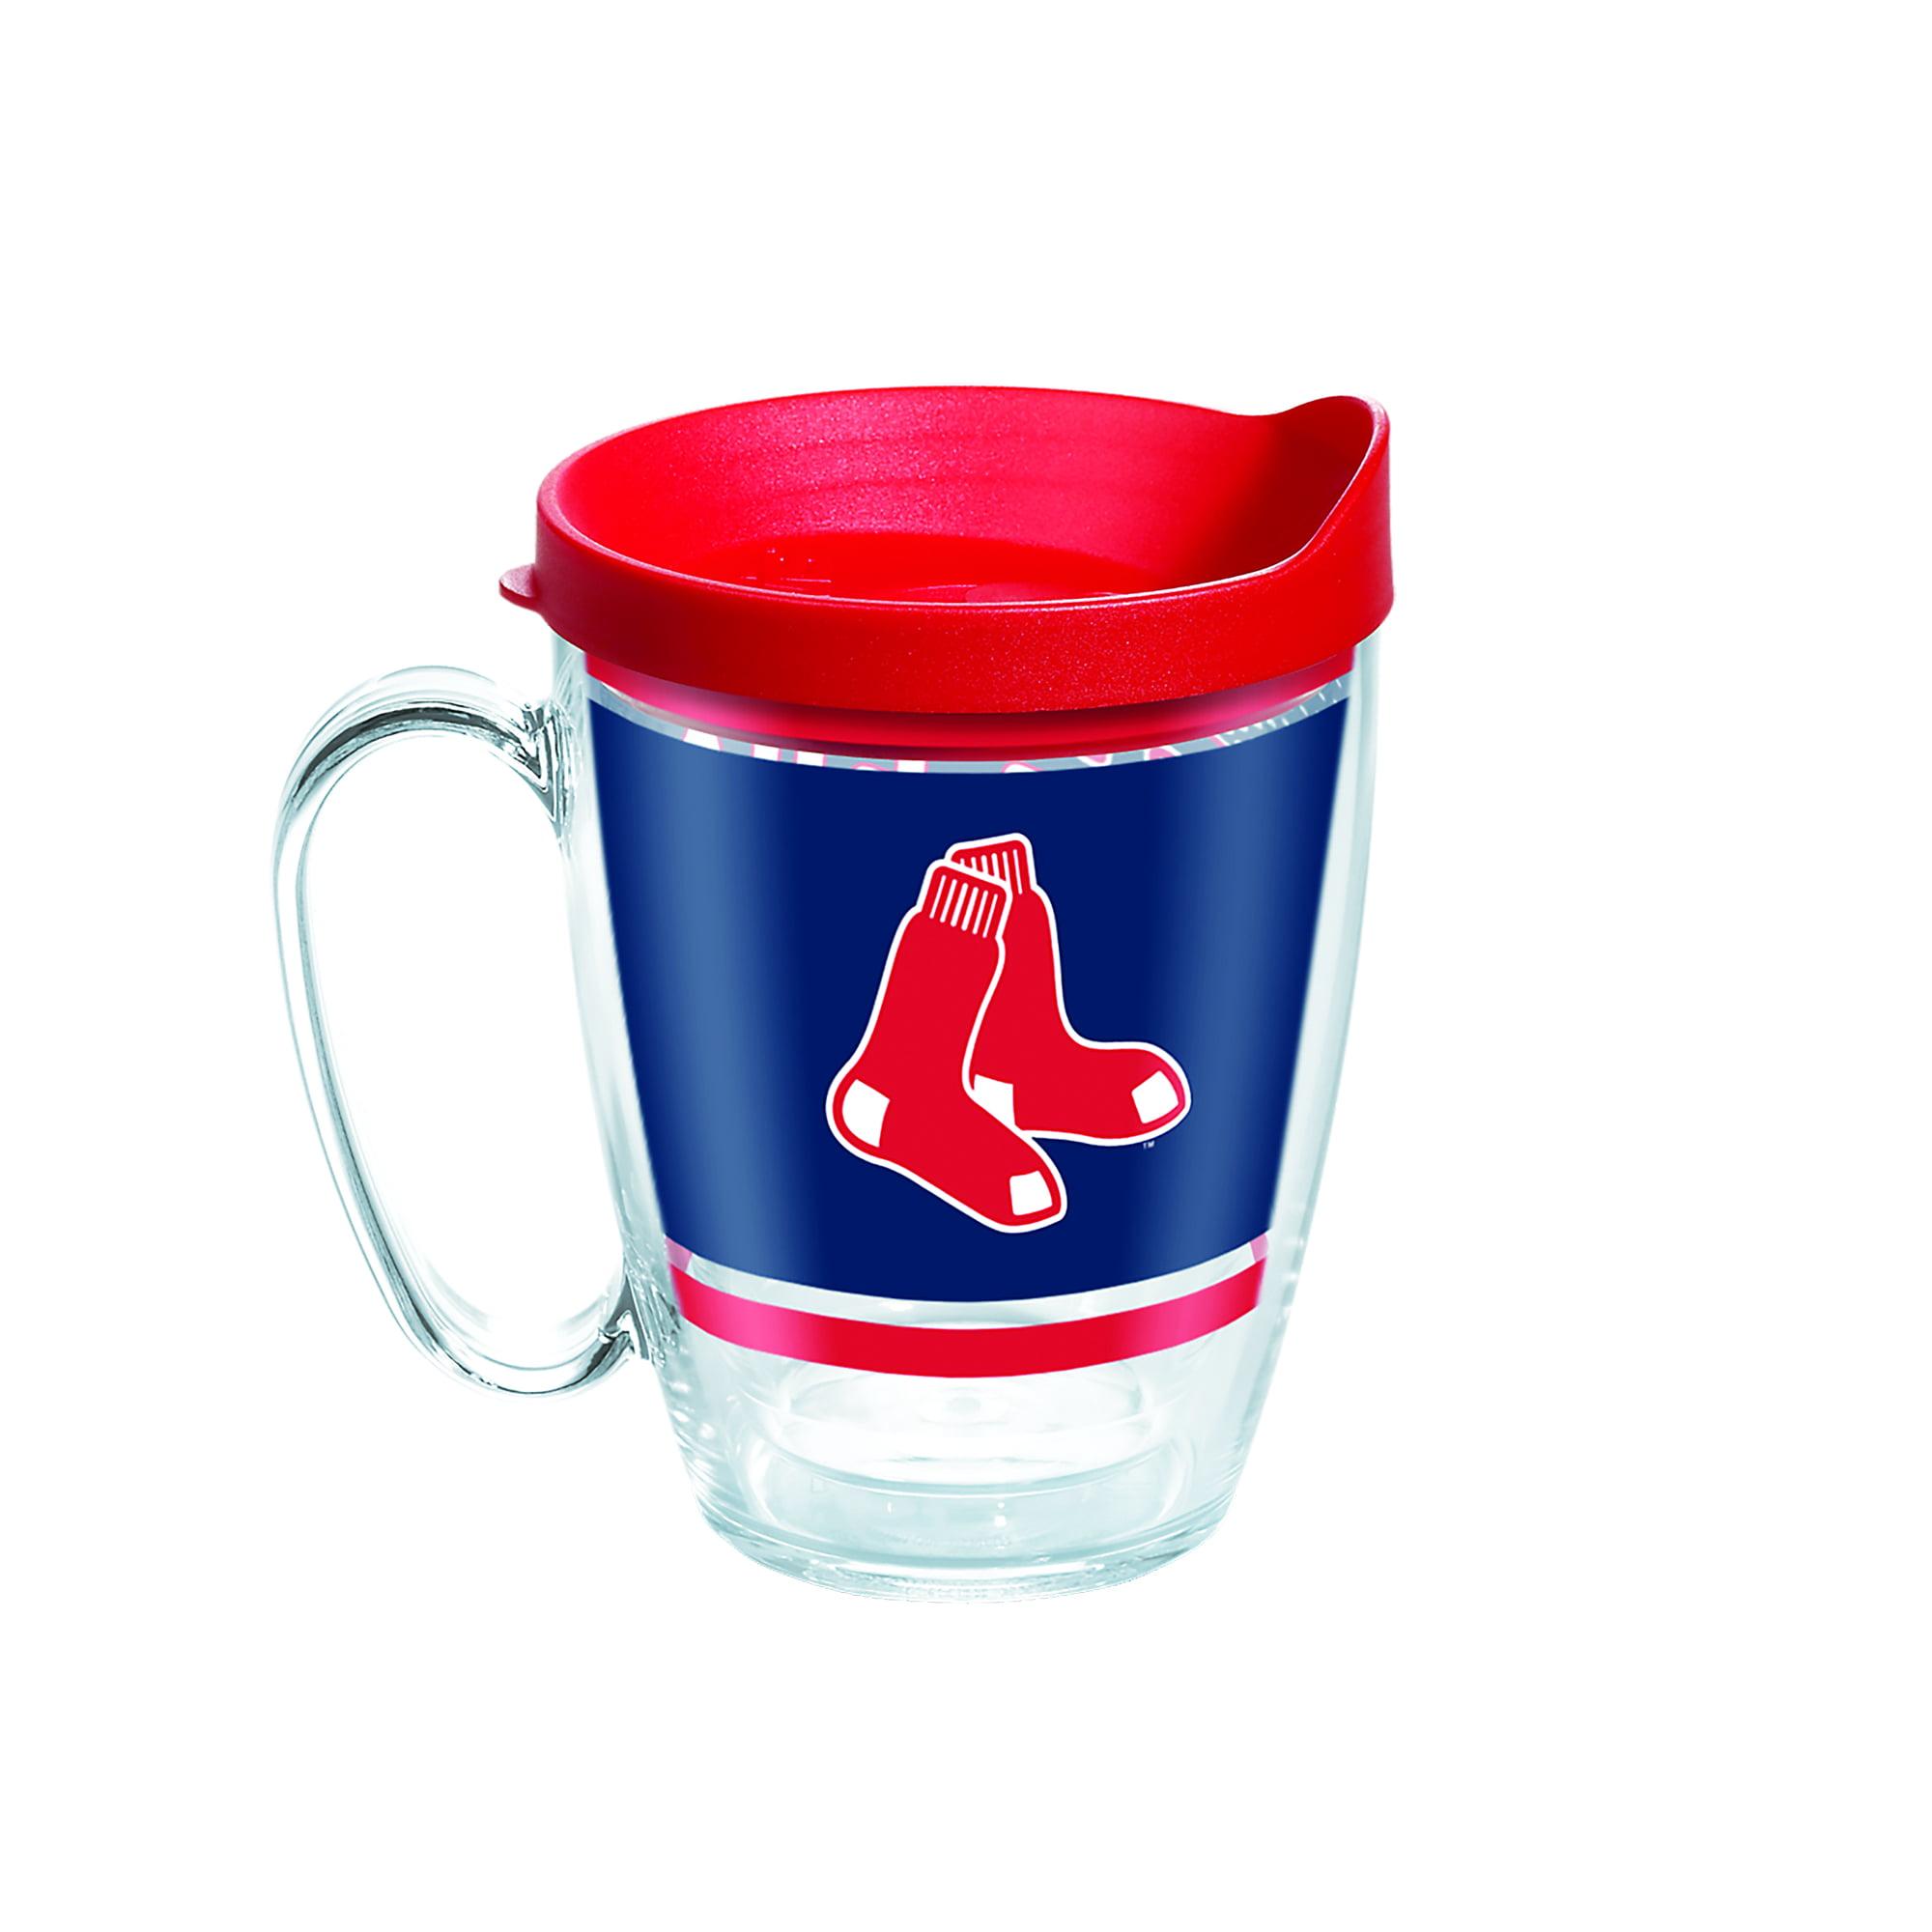 MLB Boston Red Sox Legend 16 oz Coffee Mug with lid